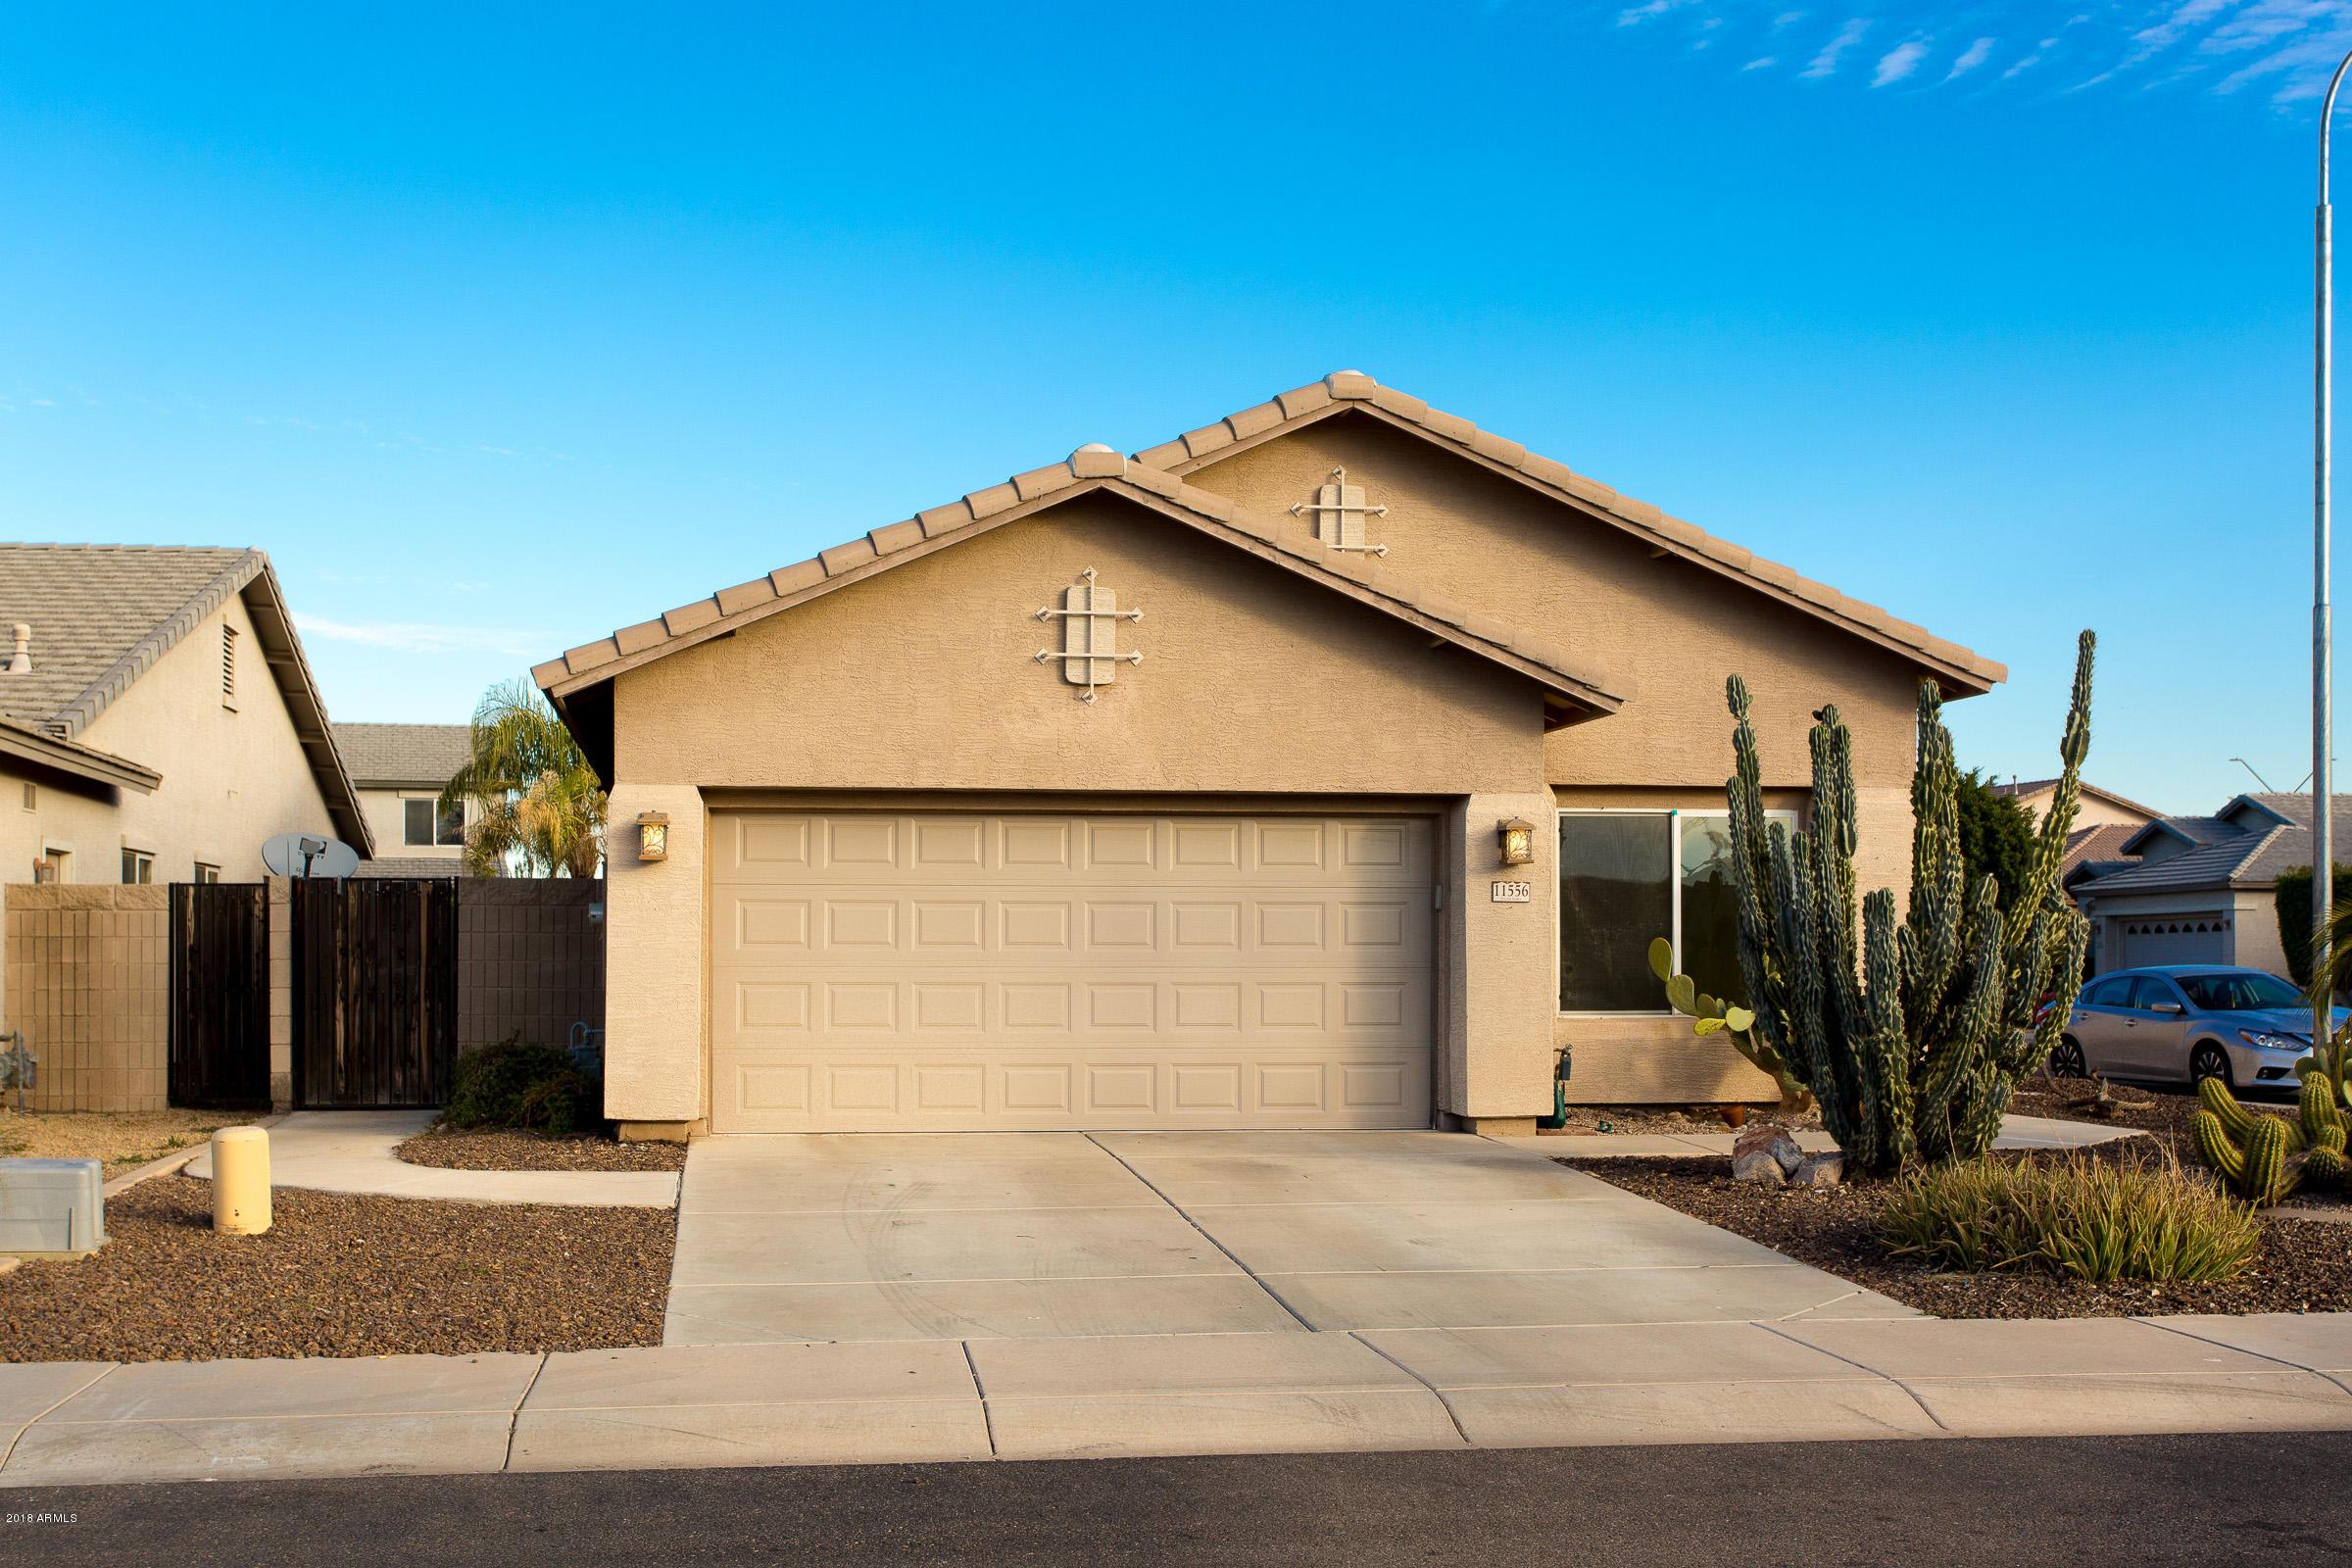 MLS 5850876 11556 W HARRISON Street, Avondale, AZ 85323 Avondale AZ Coldwater Springs